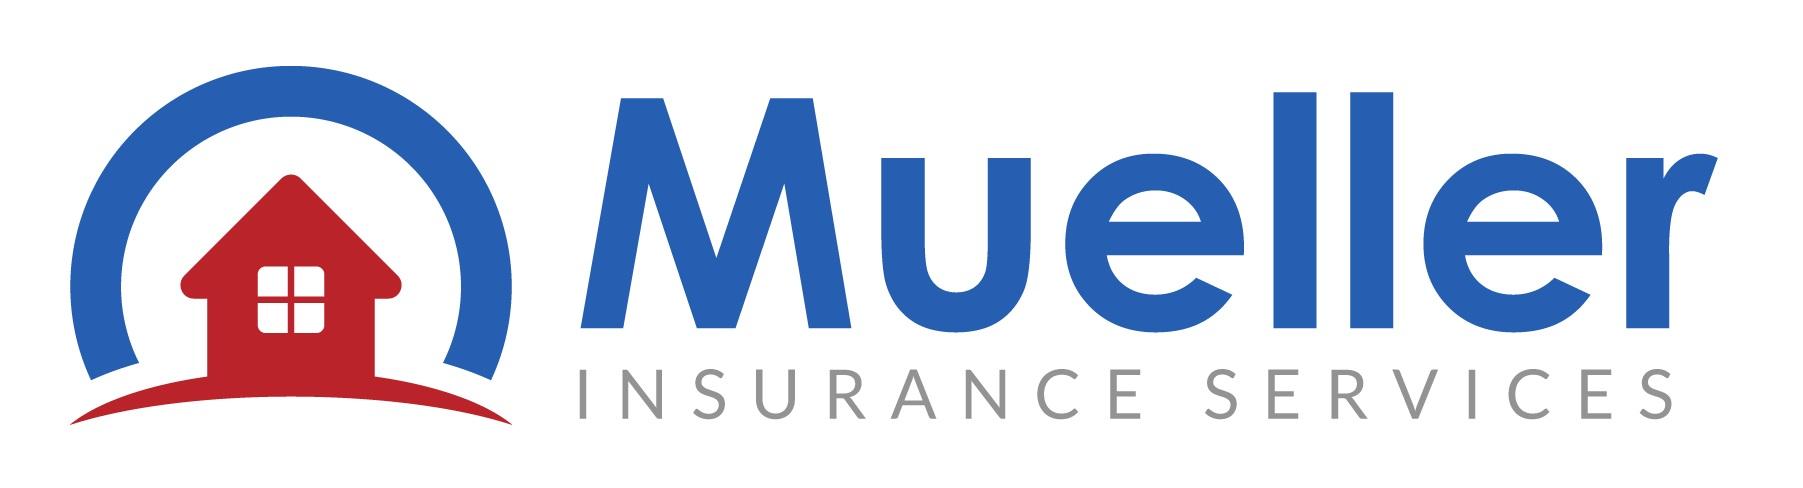 Mueller Insurance Services, LLC